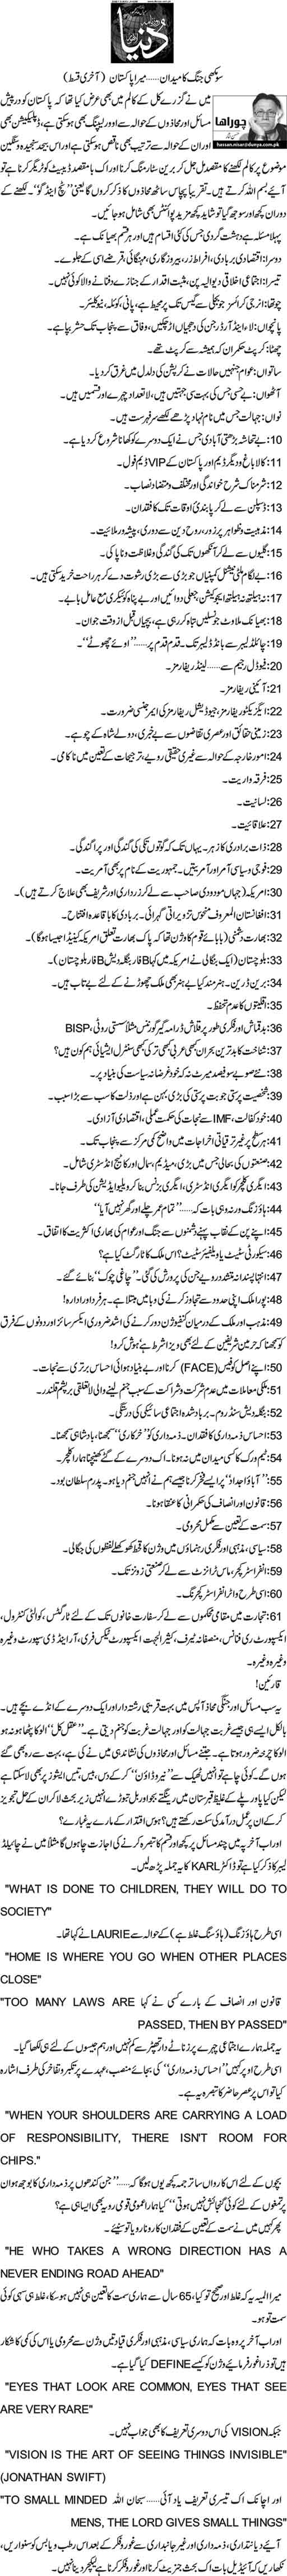 Sao makhi jang ka maidan...Mera Pakistan - Hassan Nisar